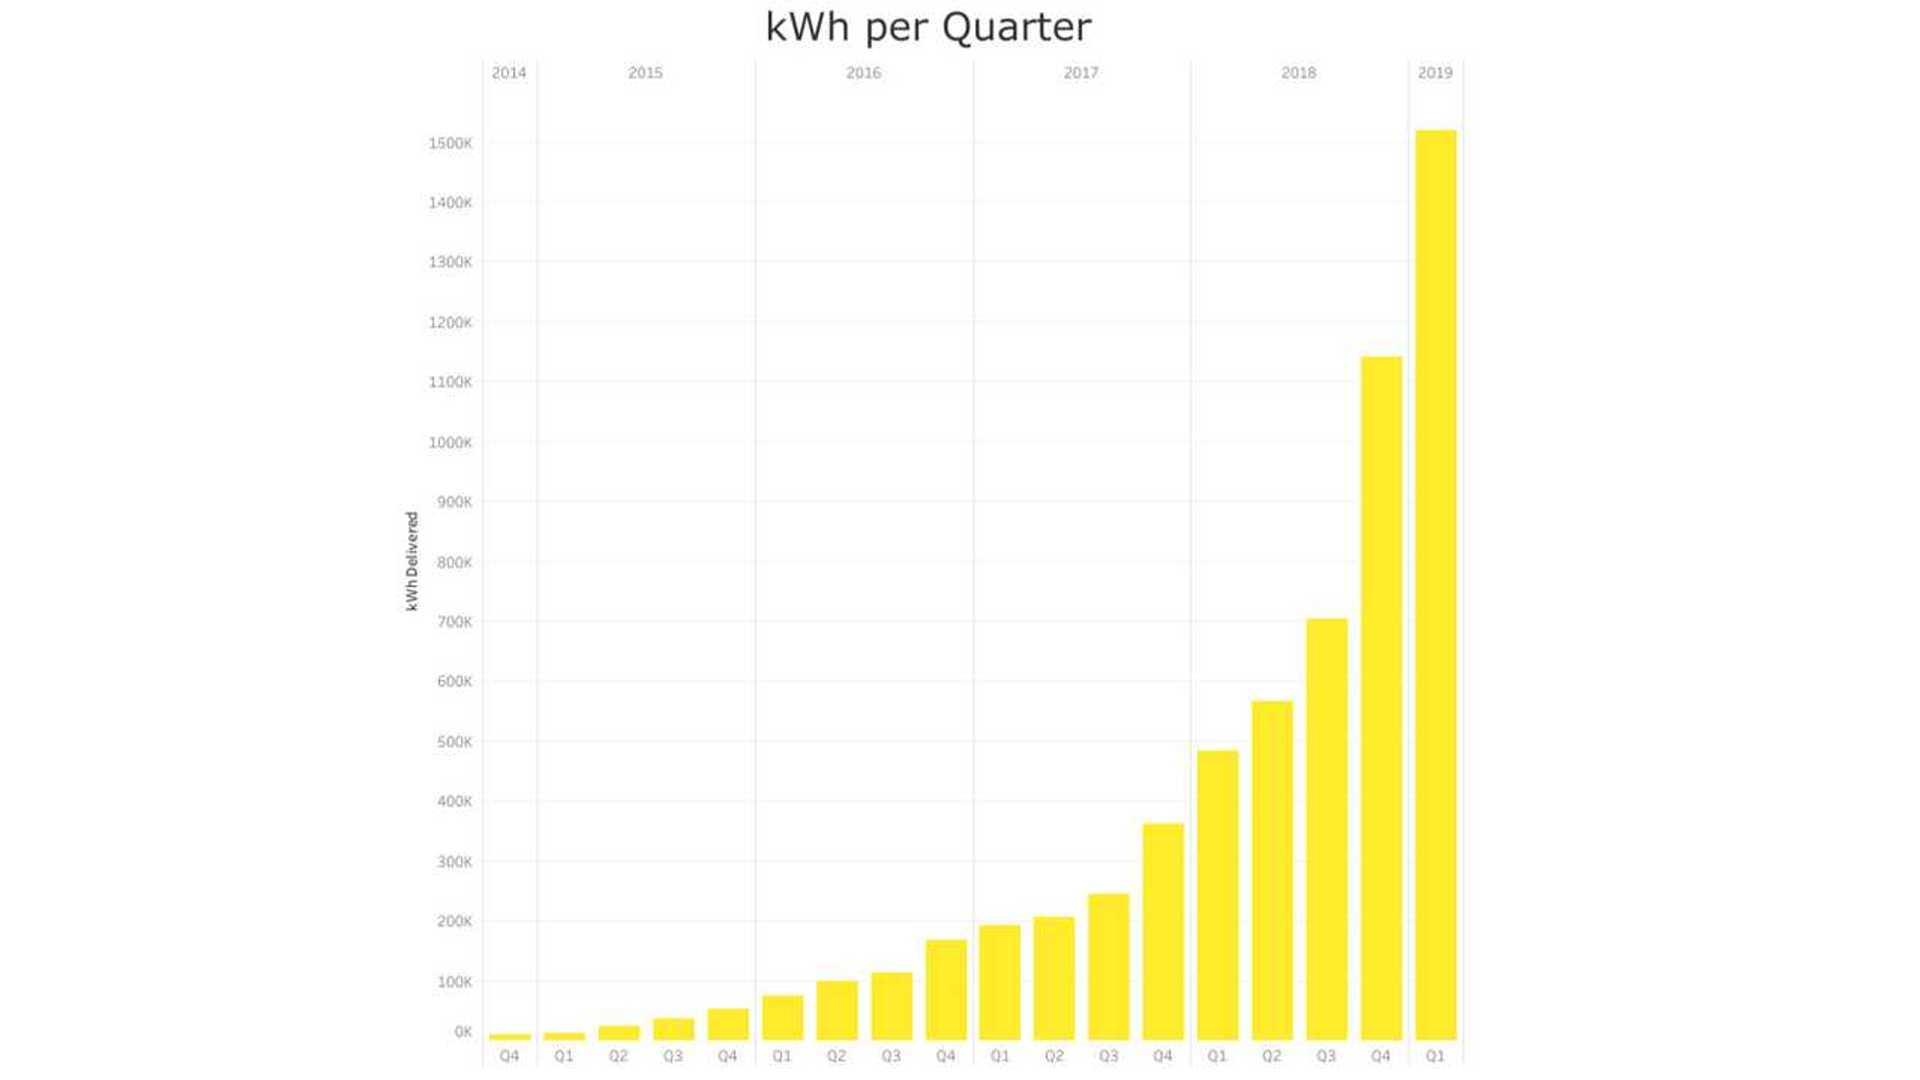 Sabitlenmiş enerji dağıtımı - 1. Çeyrek 2019